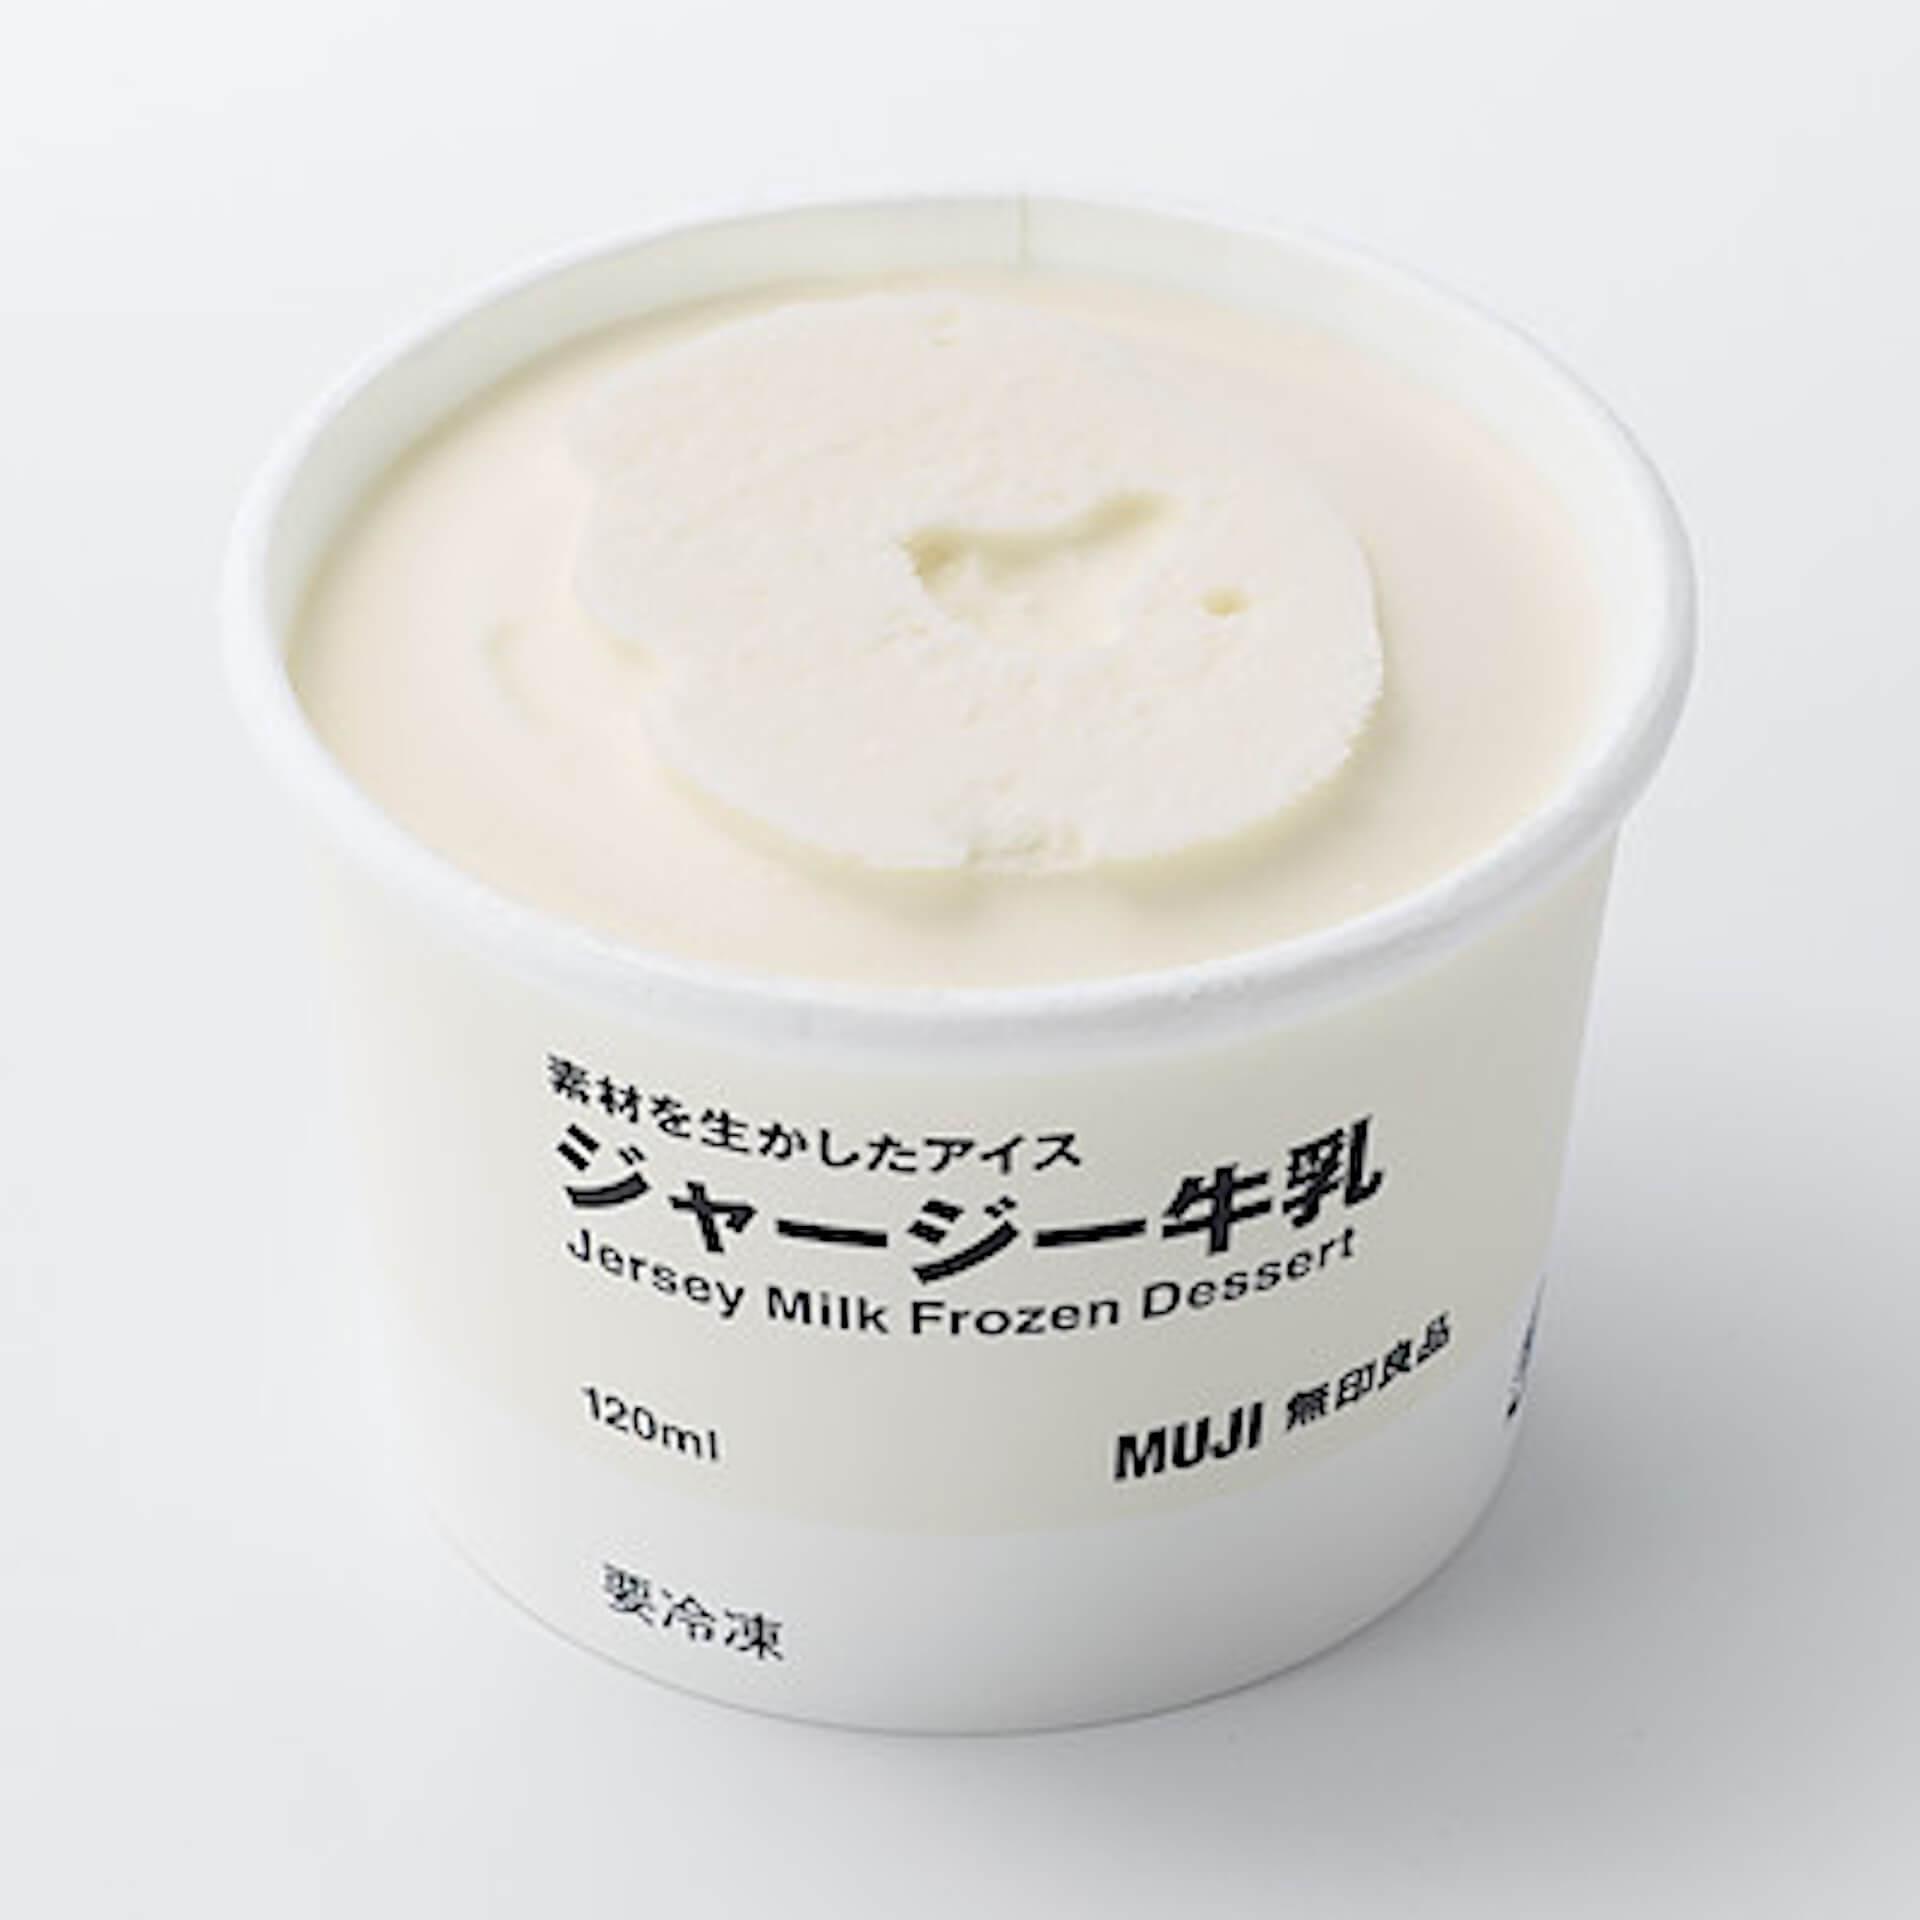 無印良品の新しい冷凍食品「素材を生かしたアイス・ソルベ」が新発売!ジャージー牛乳やいちごなど4つのフレーバー登場 gourmet210428_muji-210428_2